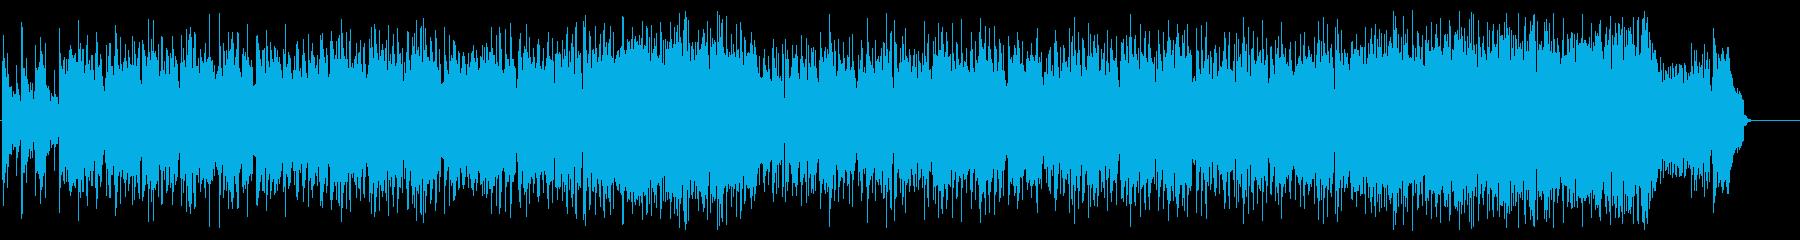 ナイーブなAOR風のポップスの再生済みの波形